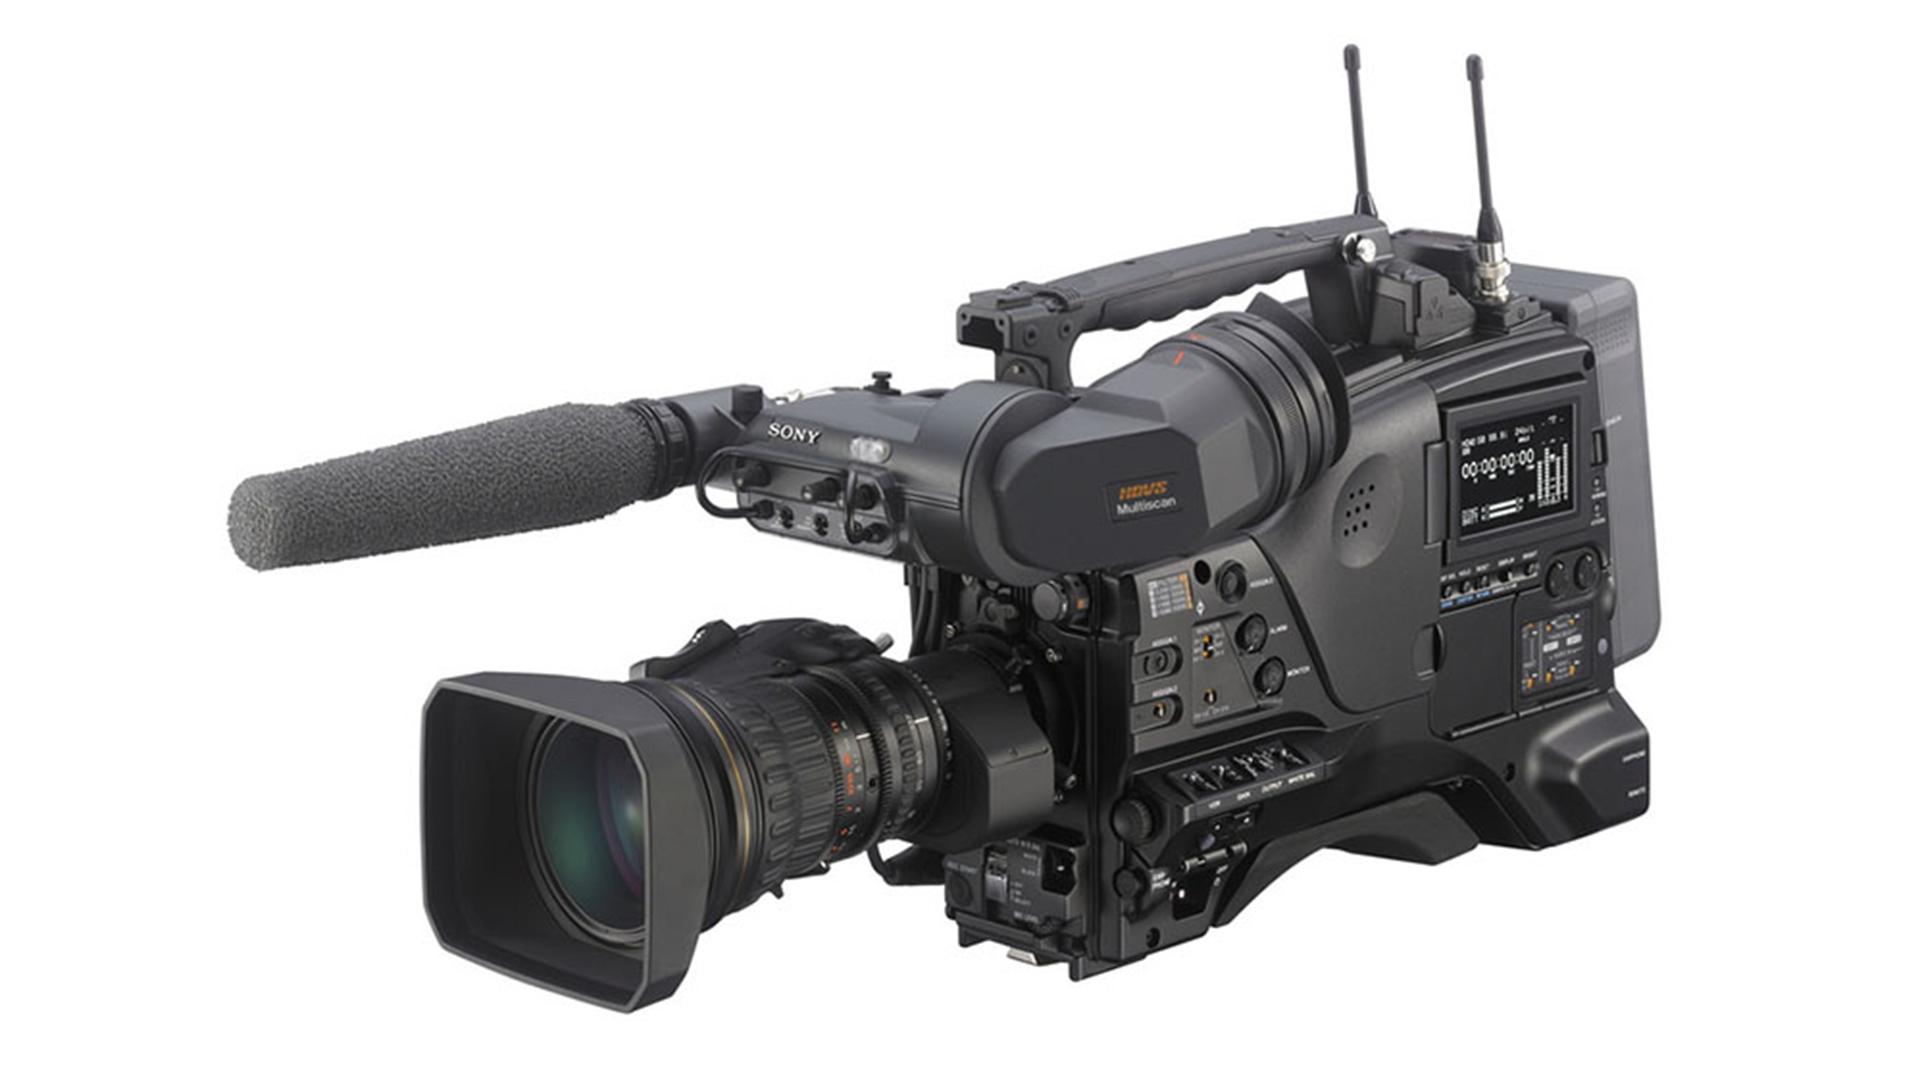 Sony PDW-850 XDCAM. Image: Sony.